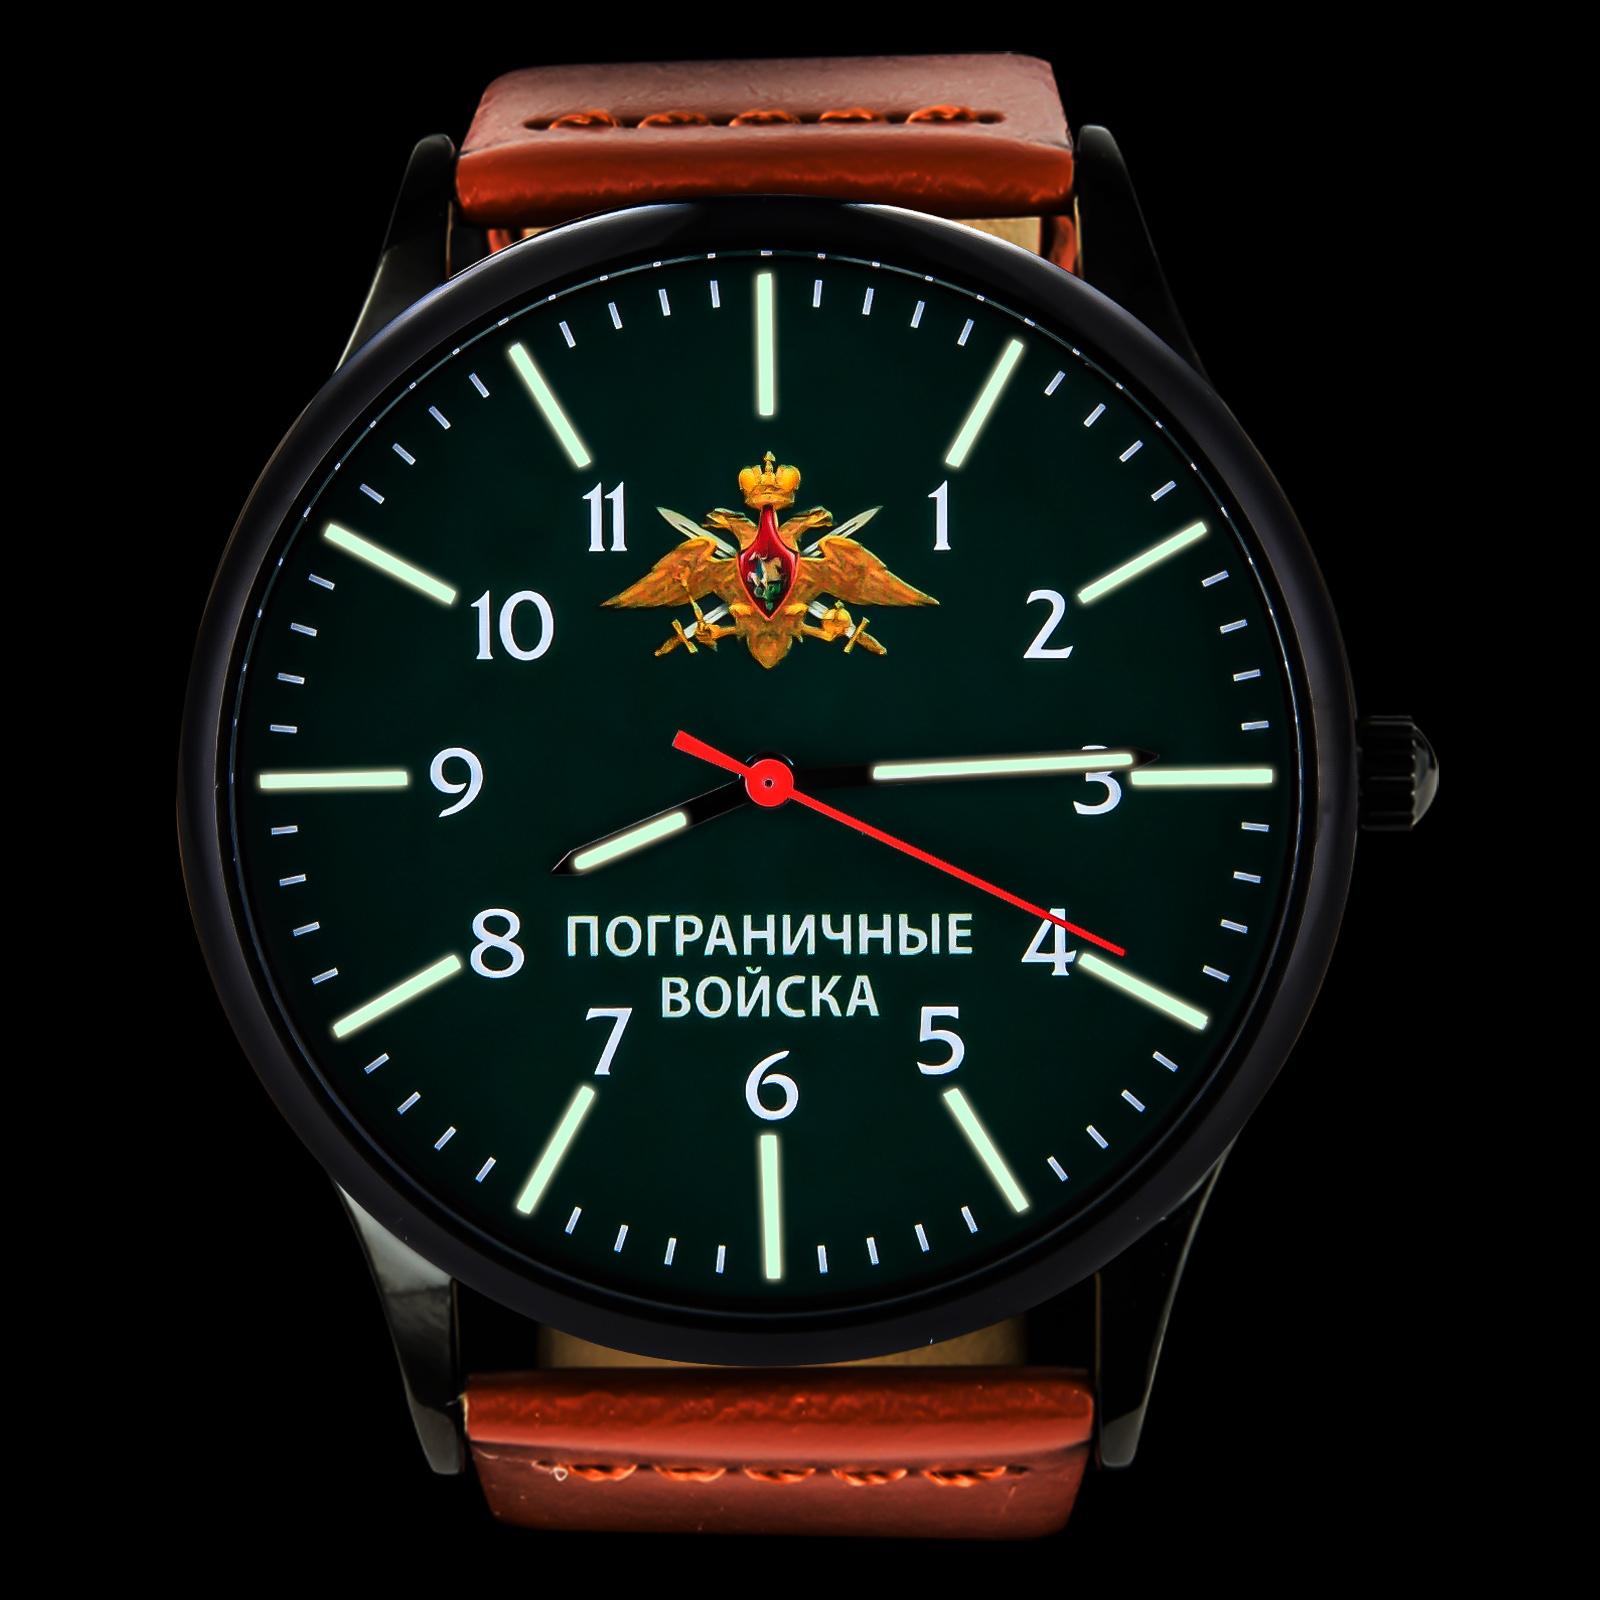 Командирские часы Пограничные войска